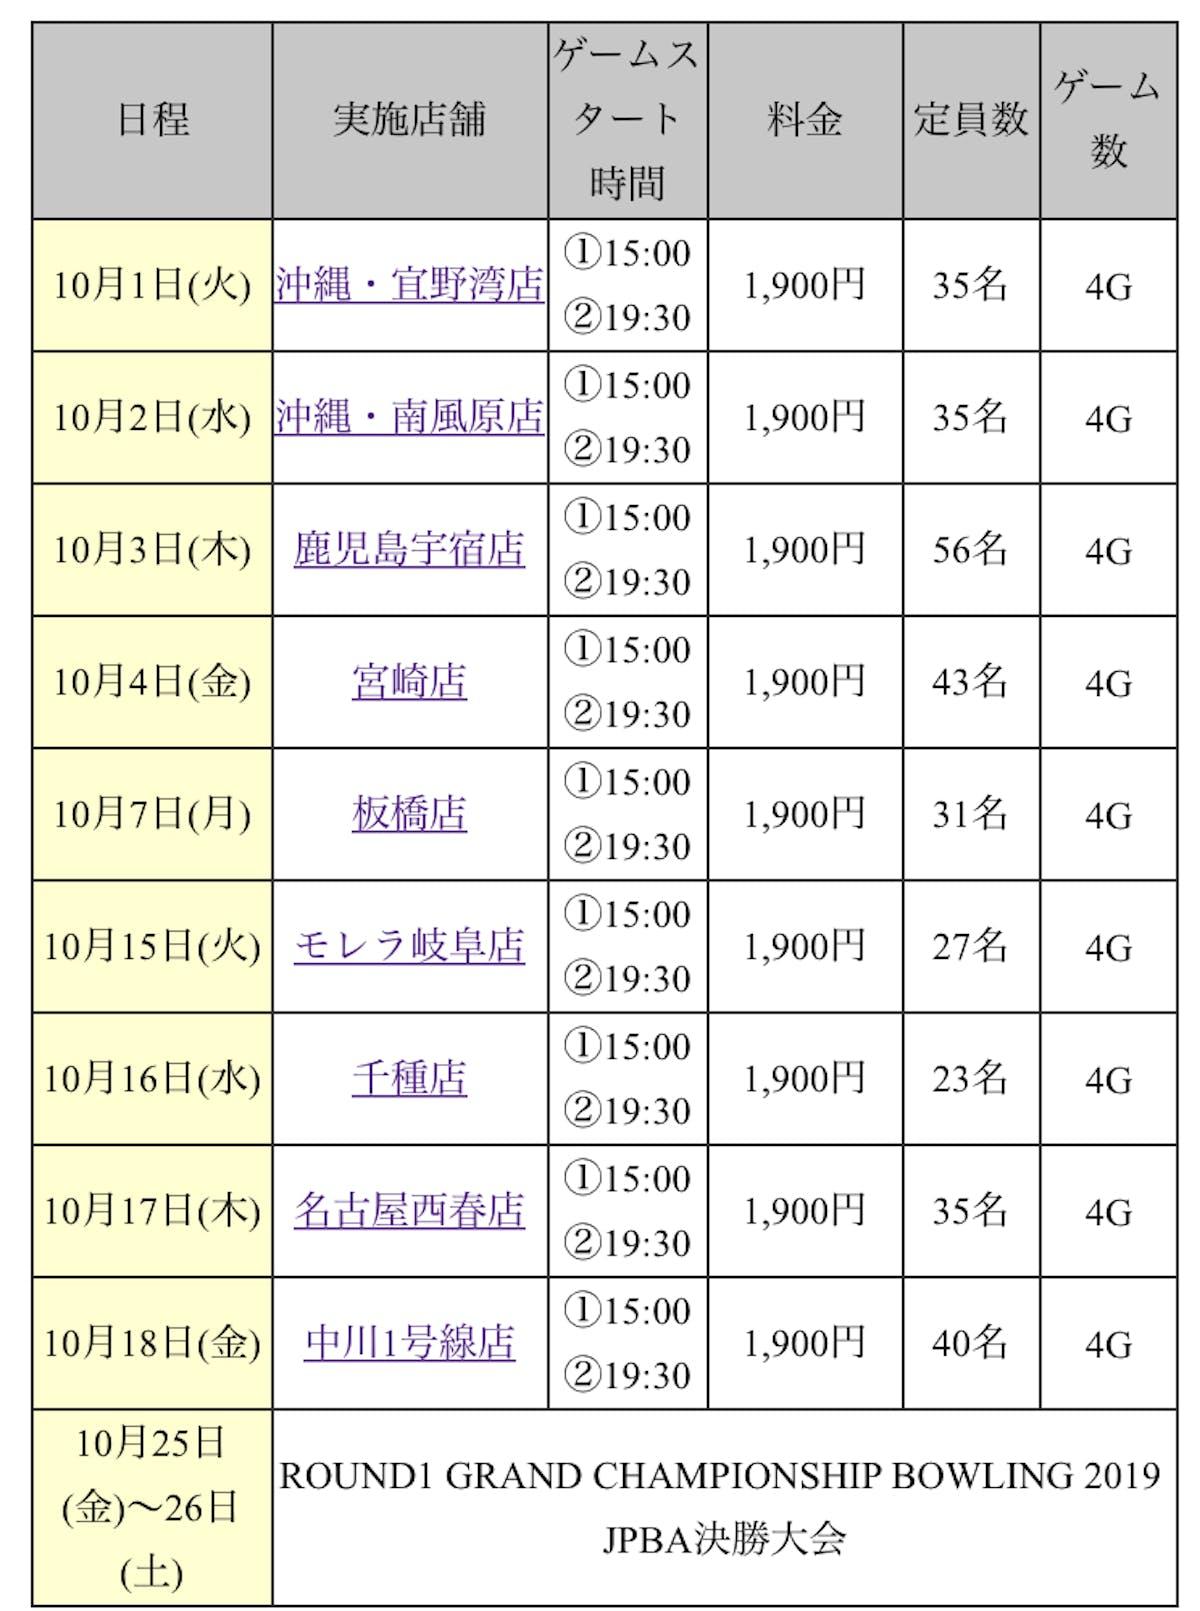 AB4E6250-DAAB-4582-83F2-C4CD3D24826F.jpeg